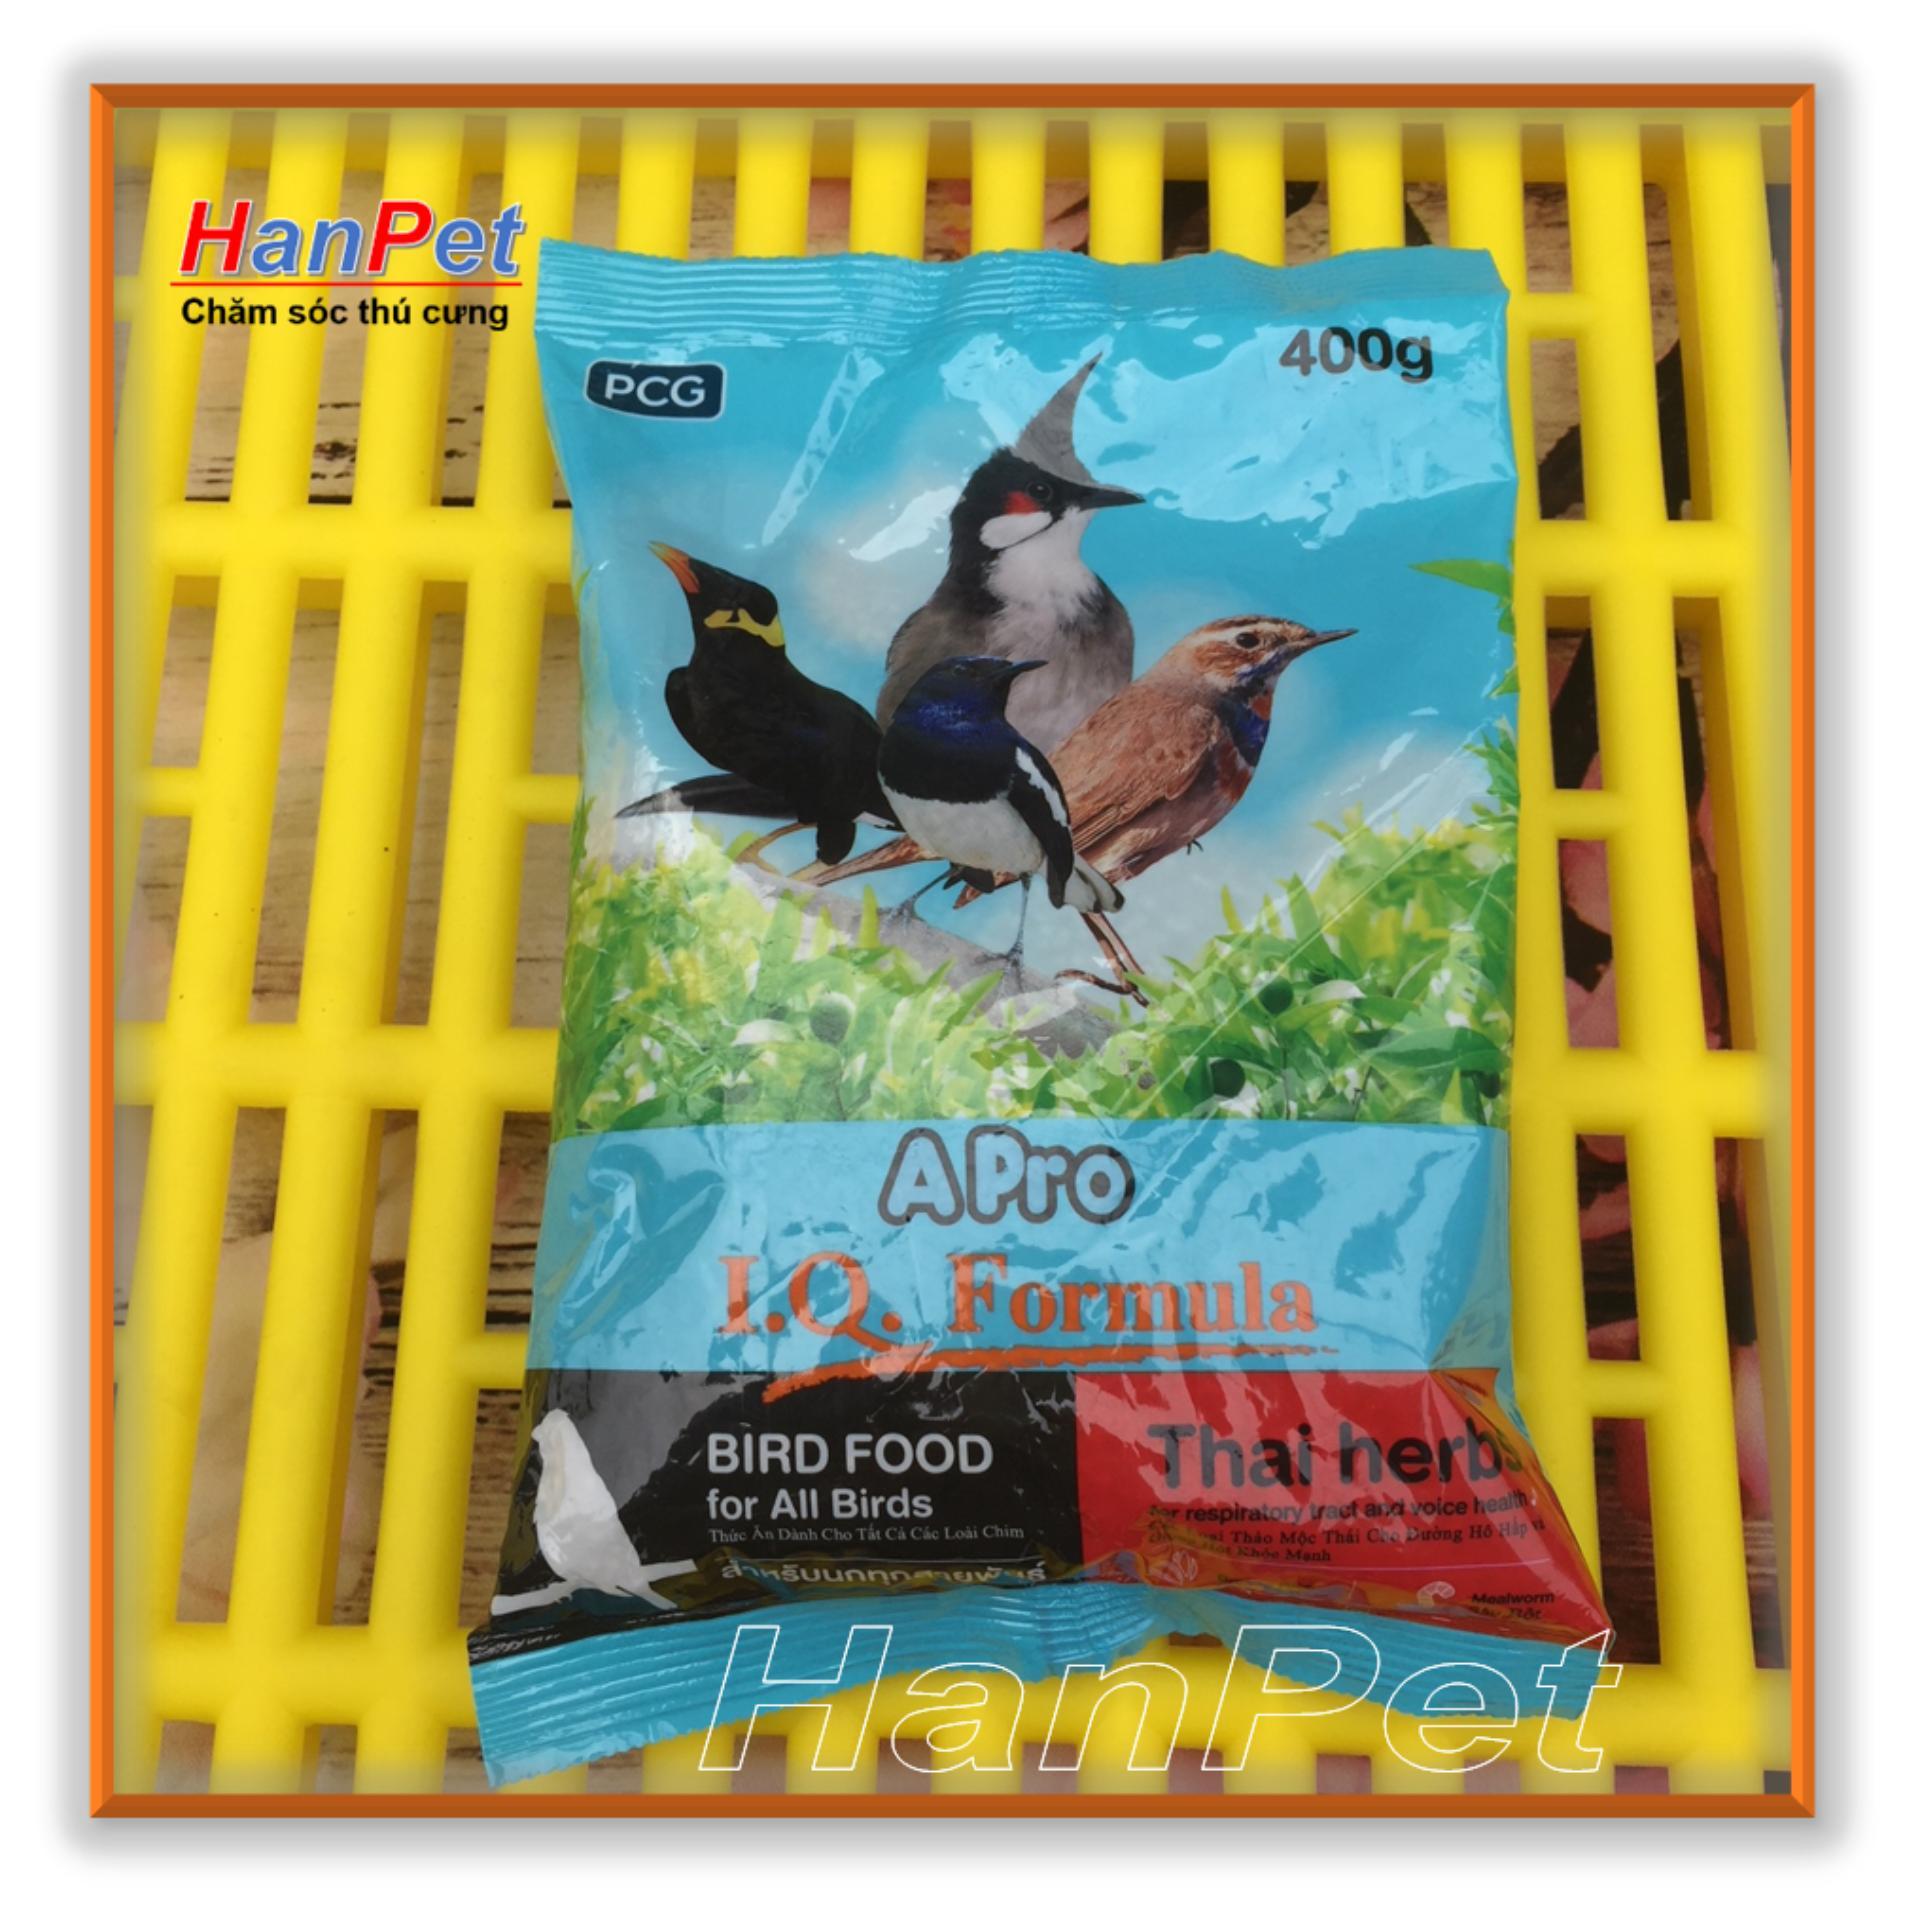 Giảm giá Cám chim Thái Lan APRO – Thức ăn cao cấp dành cho tất cả các loại chim cảnh ( hanpet 237)